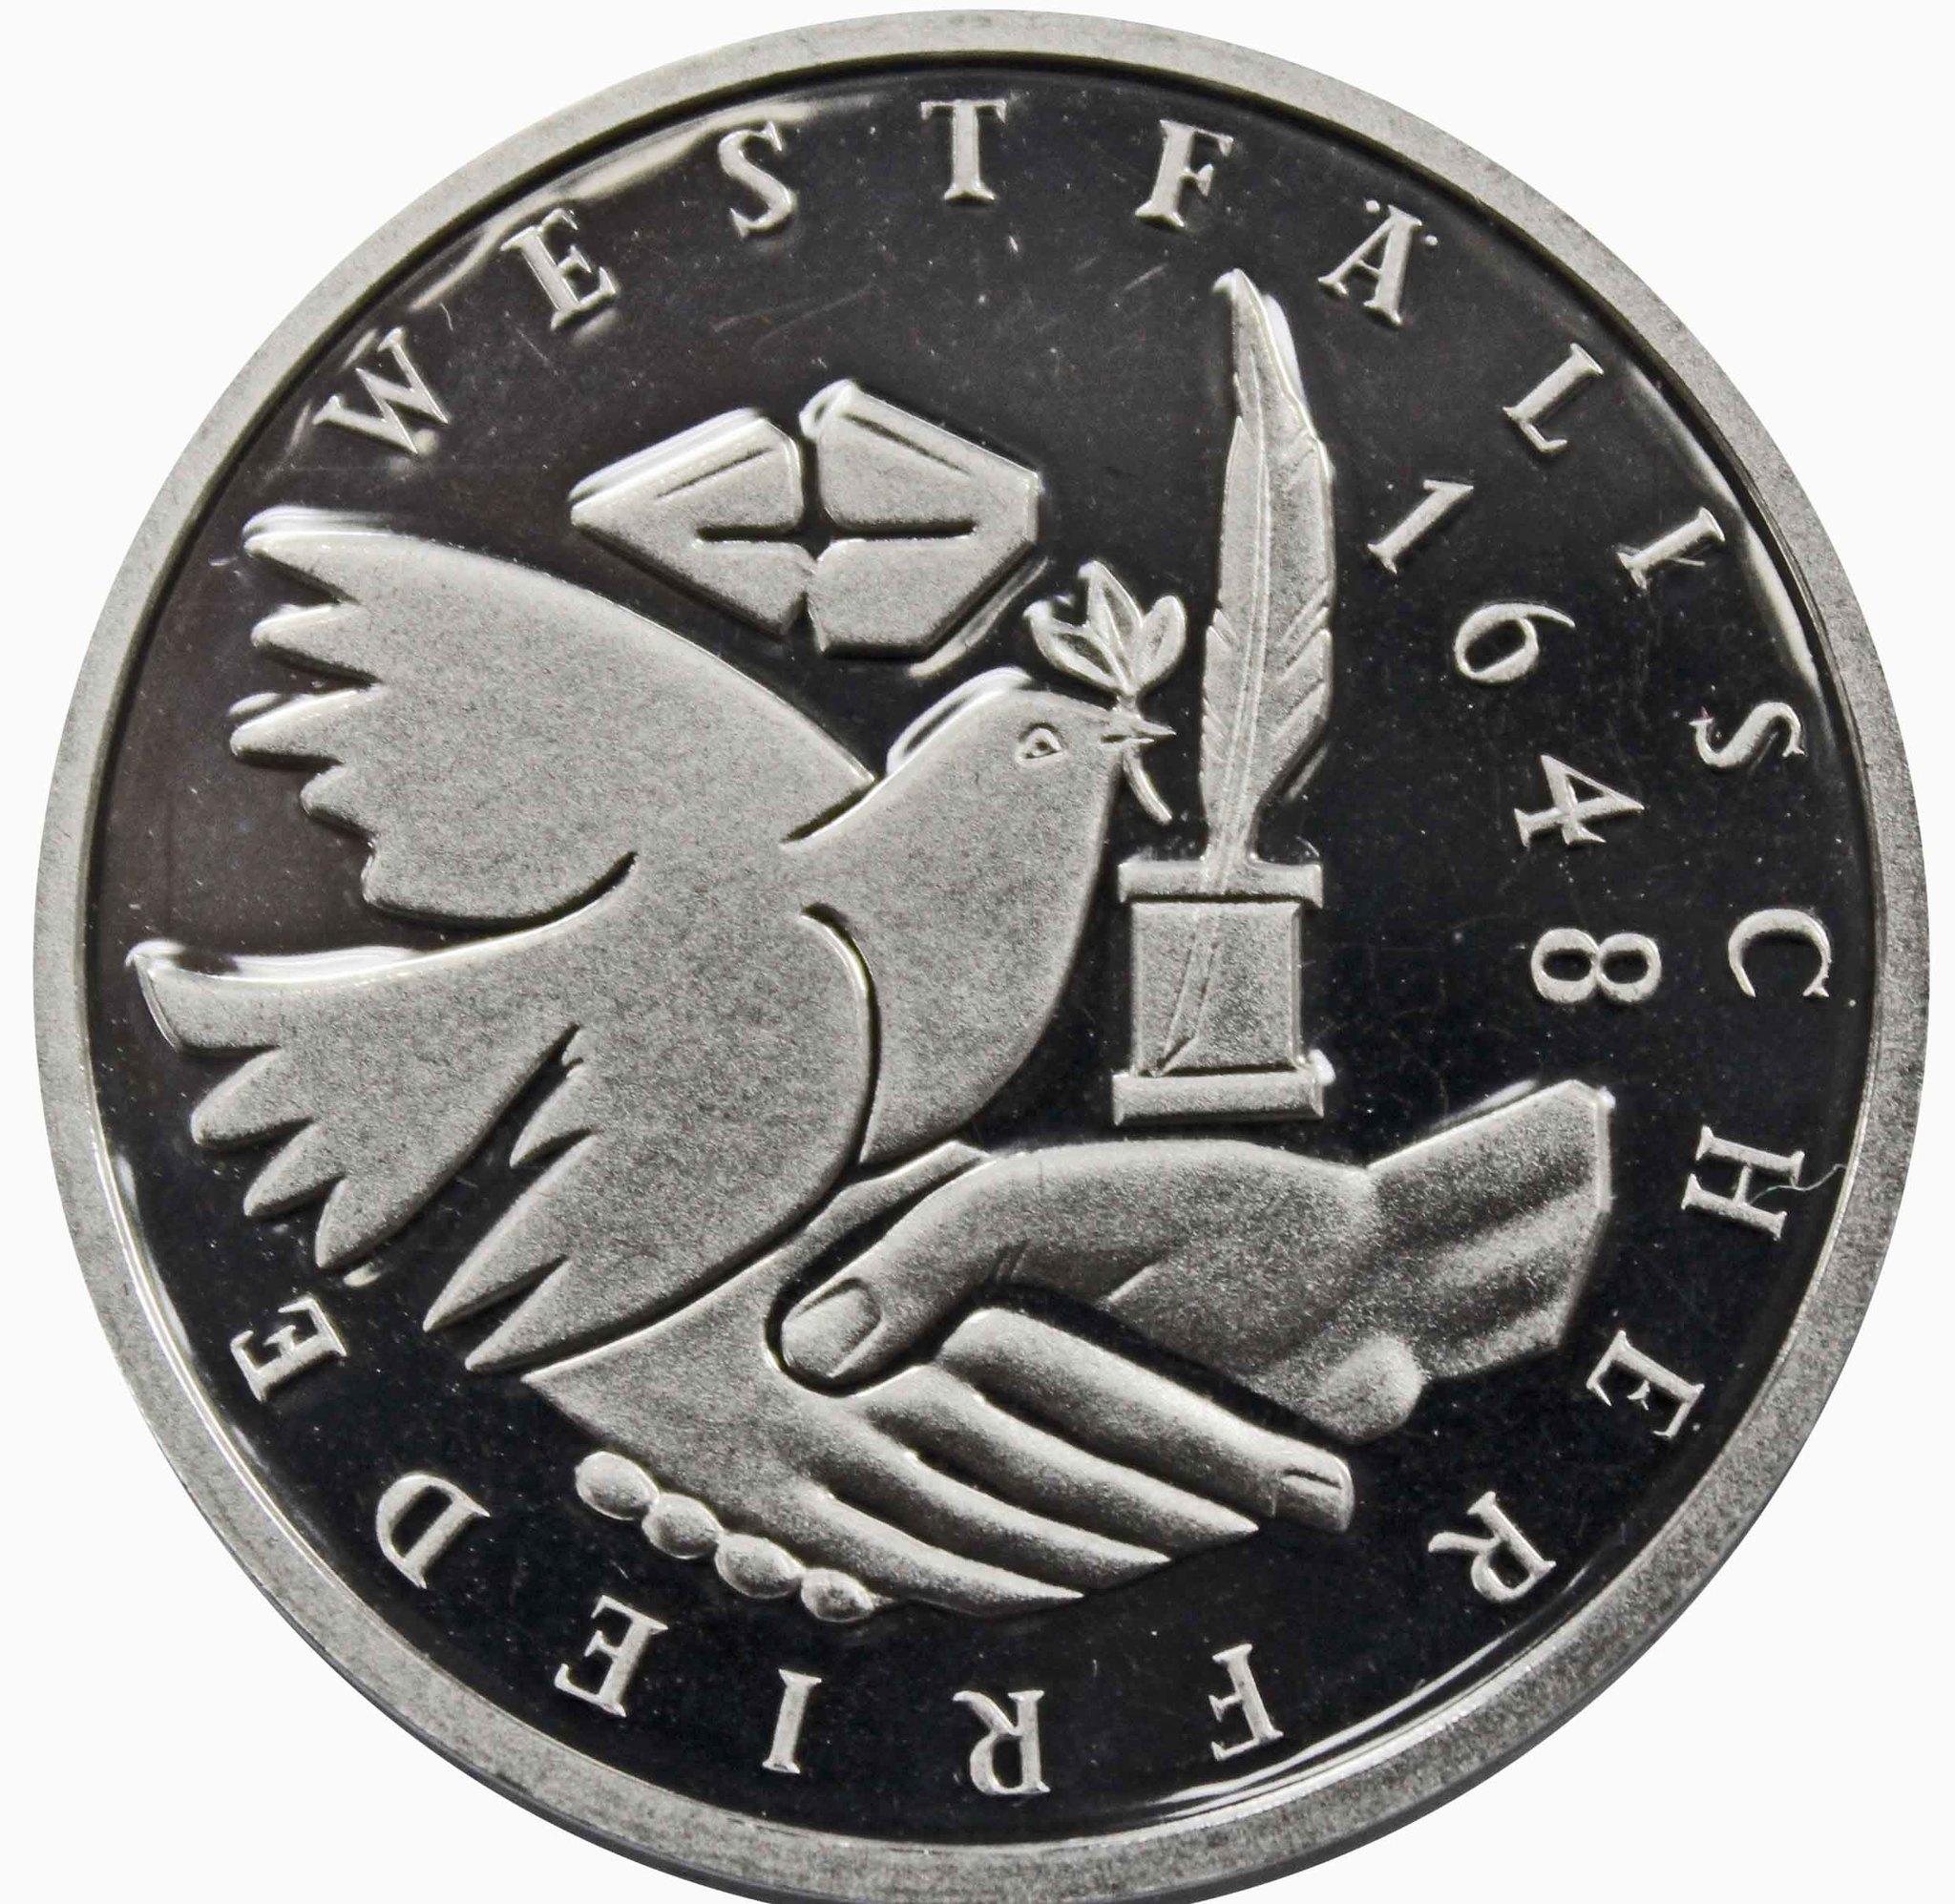 10 марок. 350 лет подписания Вестфальского Мирного Договора (J). Серебро. 1998 г. PROOF. В родной запайке